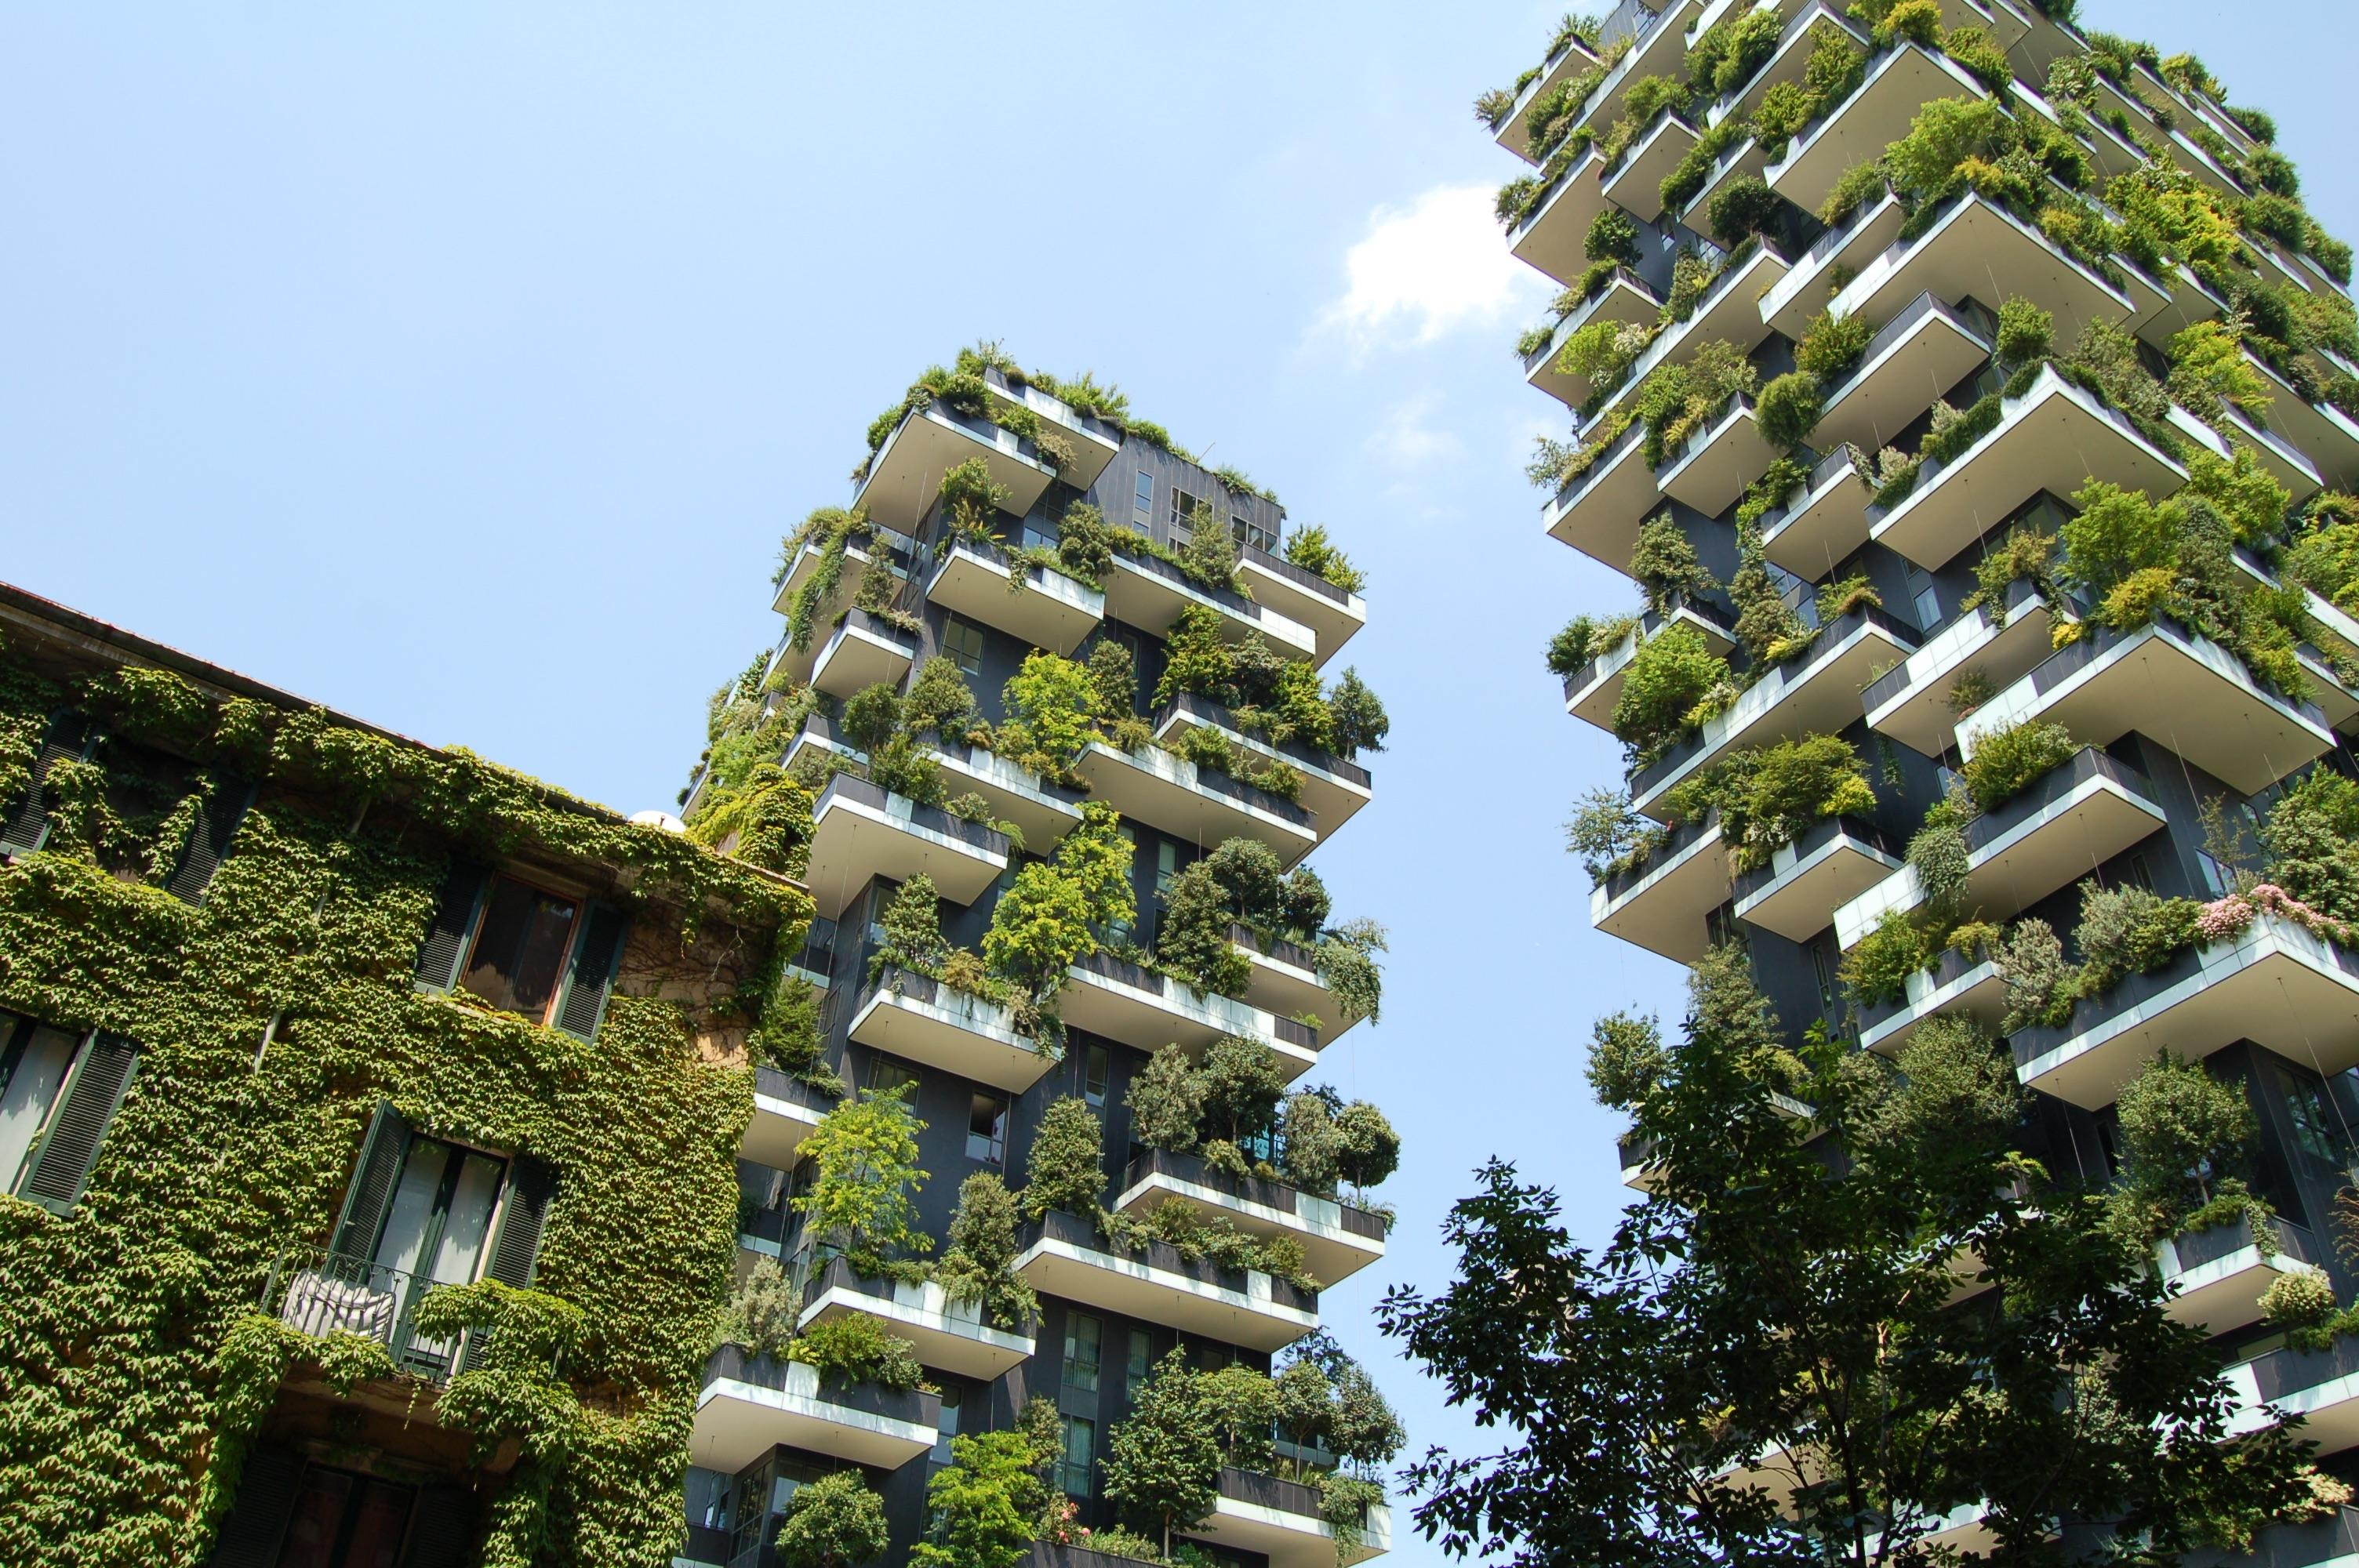 Images Gratuites : arbre, architecture, plante, Manoir, bâtiment ...